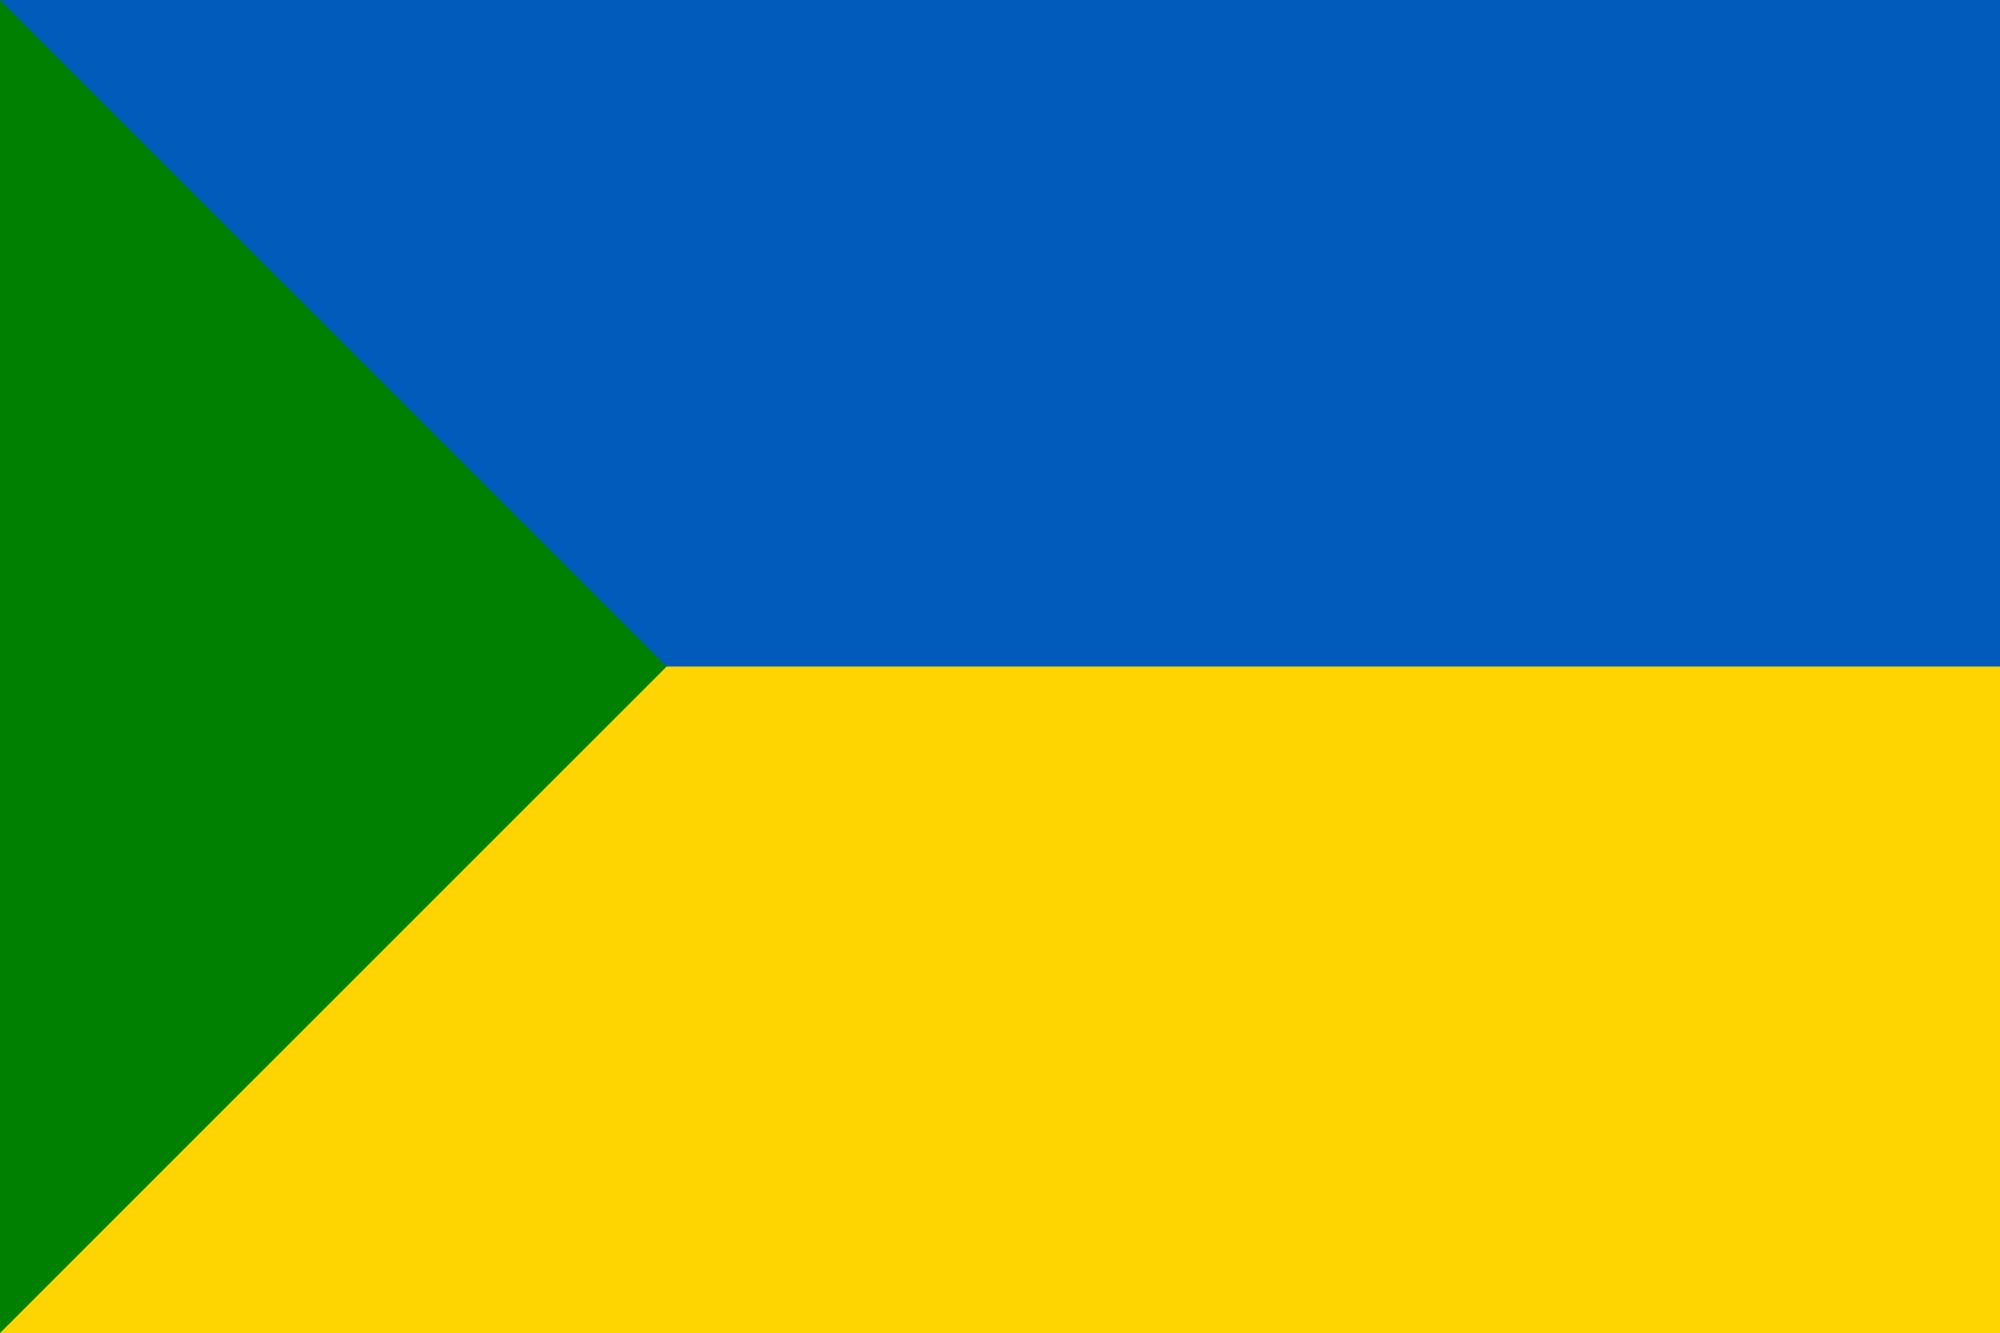 МИД закрывает украинское генконсульство в российском Нижнем Новгороде - Цензор.НЕТ 6632